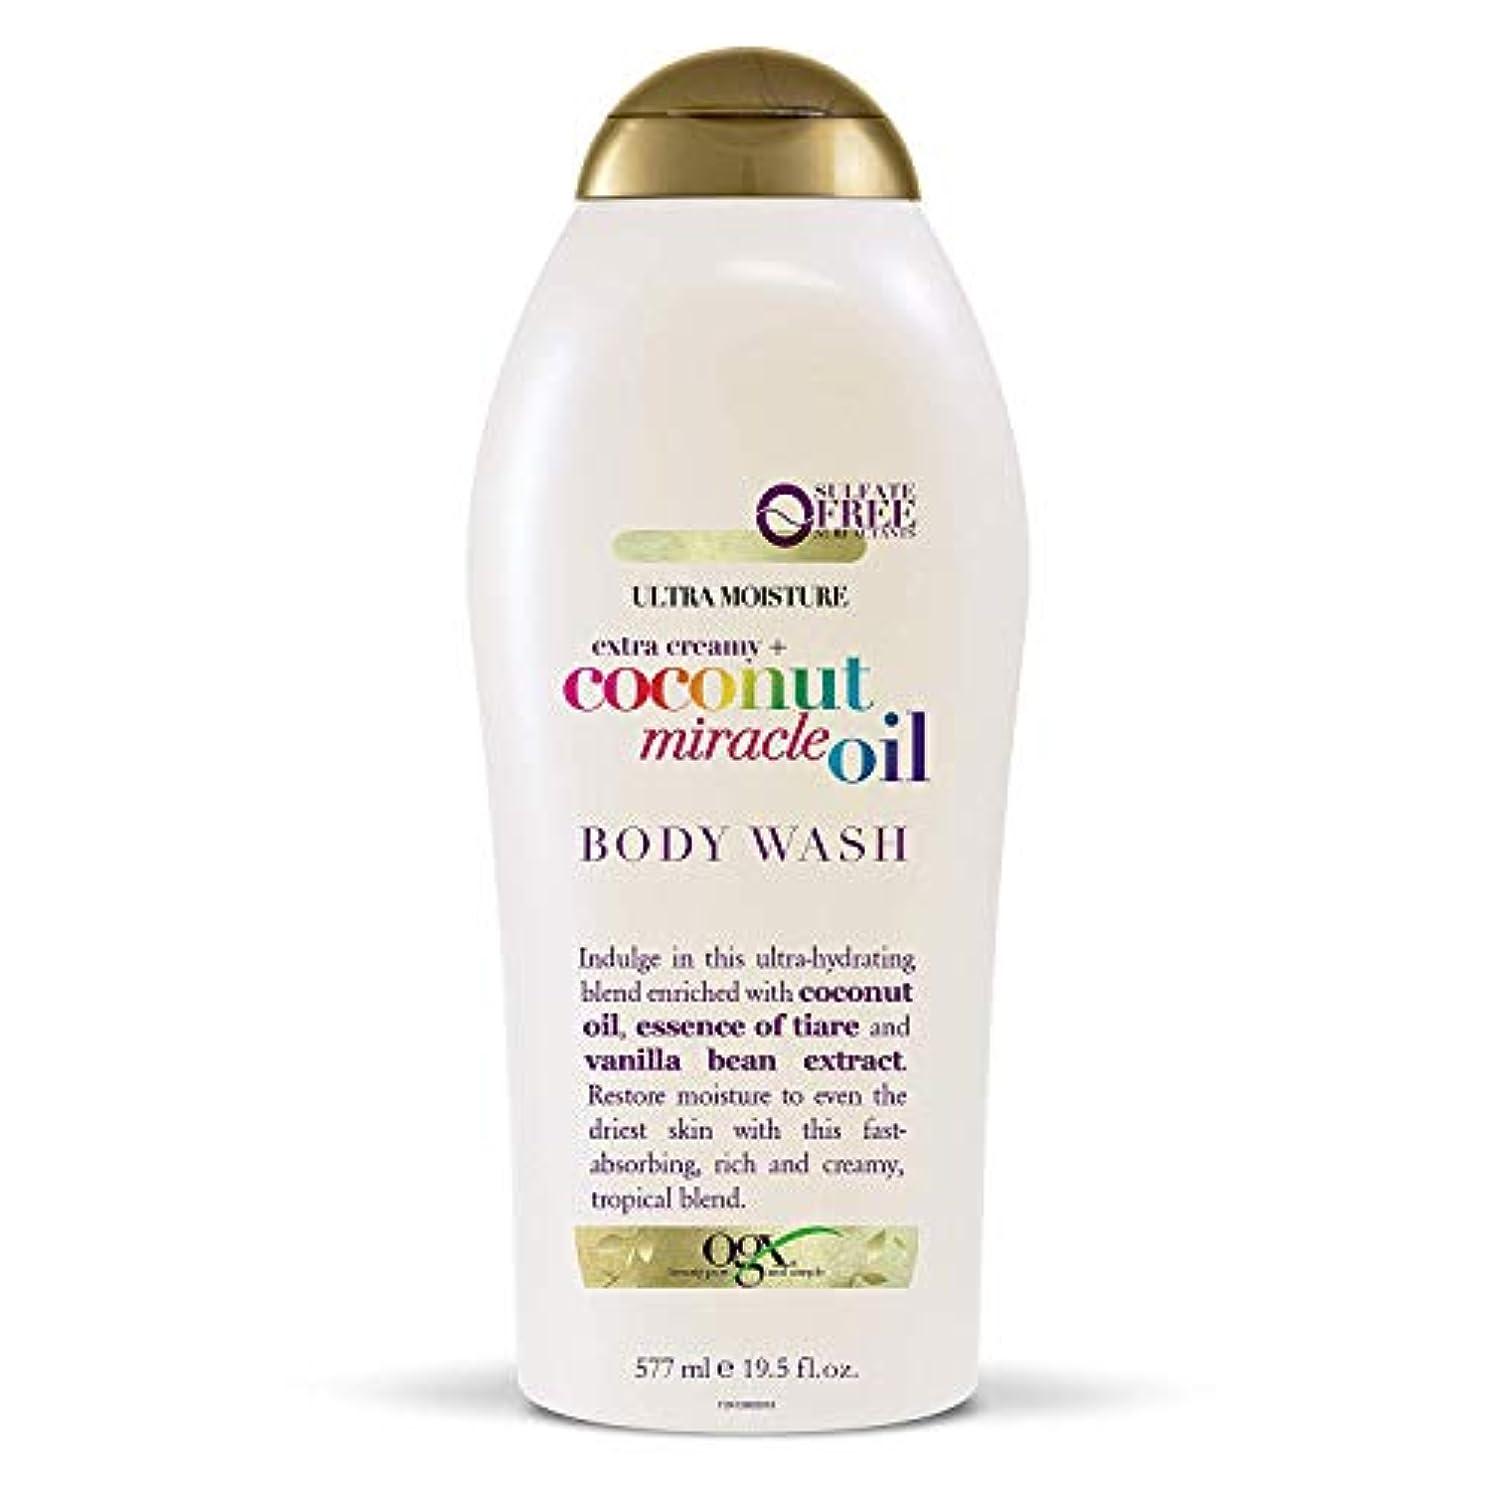 リング東部嘆願Ogx Body Wash Coconut Miracle Oil Extra Strength 19.5oz OGX ココナッツミラクルオイル エクストラストレングス ボディウォッシュ 577ml [並行輸入品]